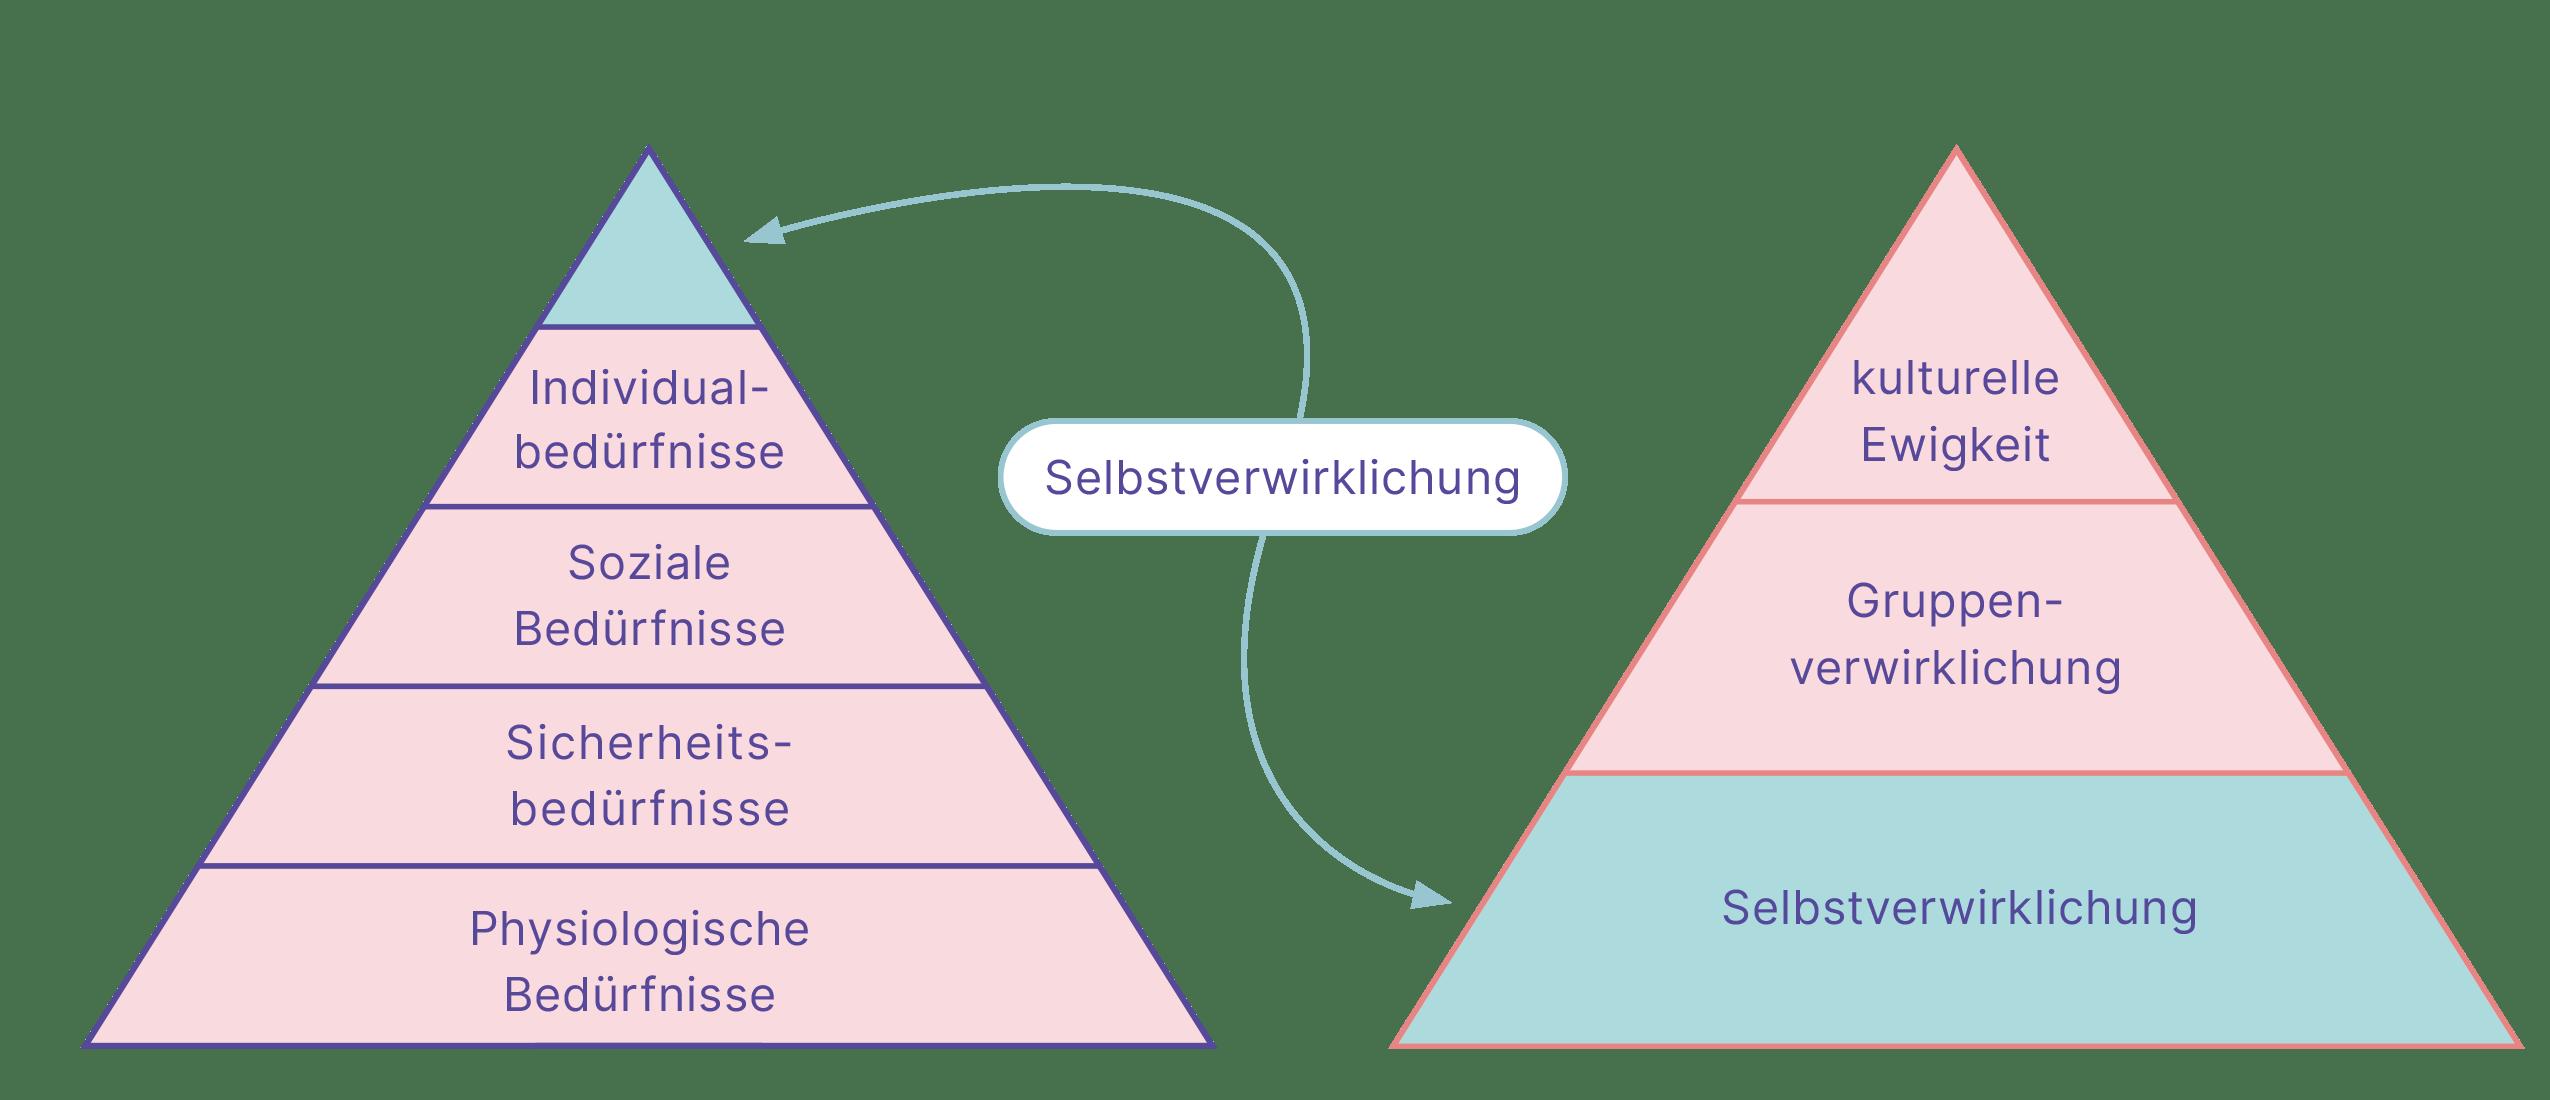 Maslow ordnet Selbstverwirklichung in seiner Bedürfnispyramide ganz oben an. Bei den Blackfoot steht Selbstverwirklichung ganz unten. An der Spitze der Pyramide steht das Fortbestehen der kulturellen Gemeinschaft.